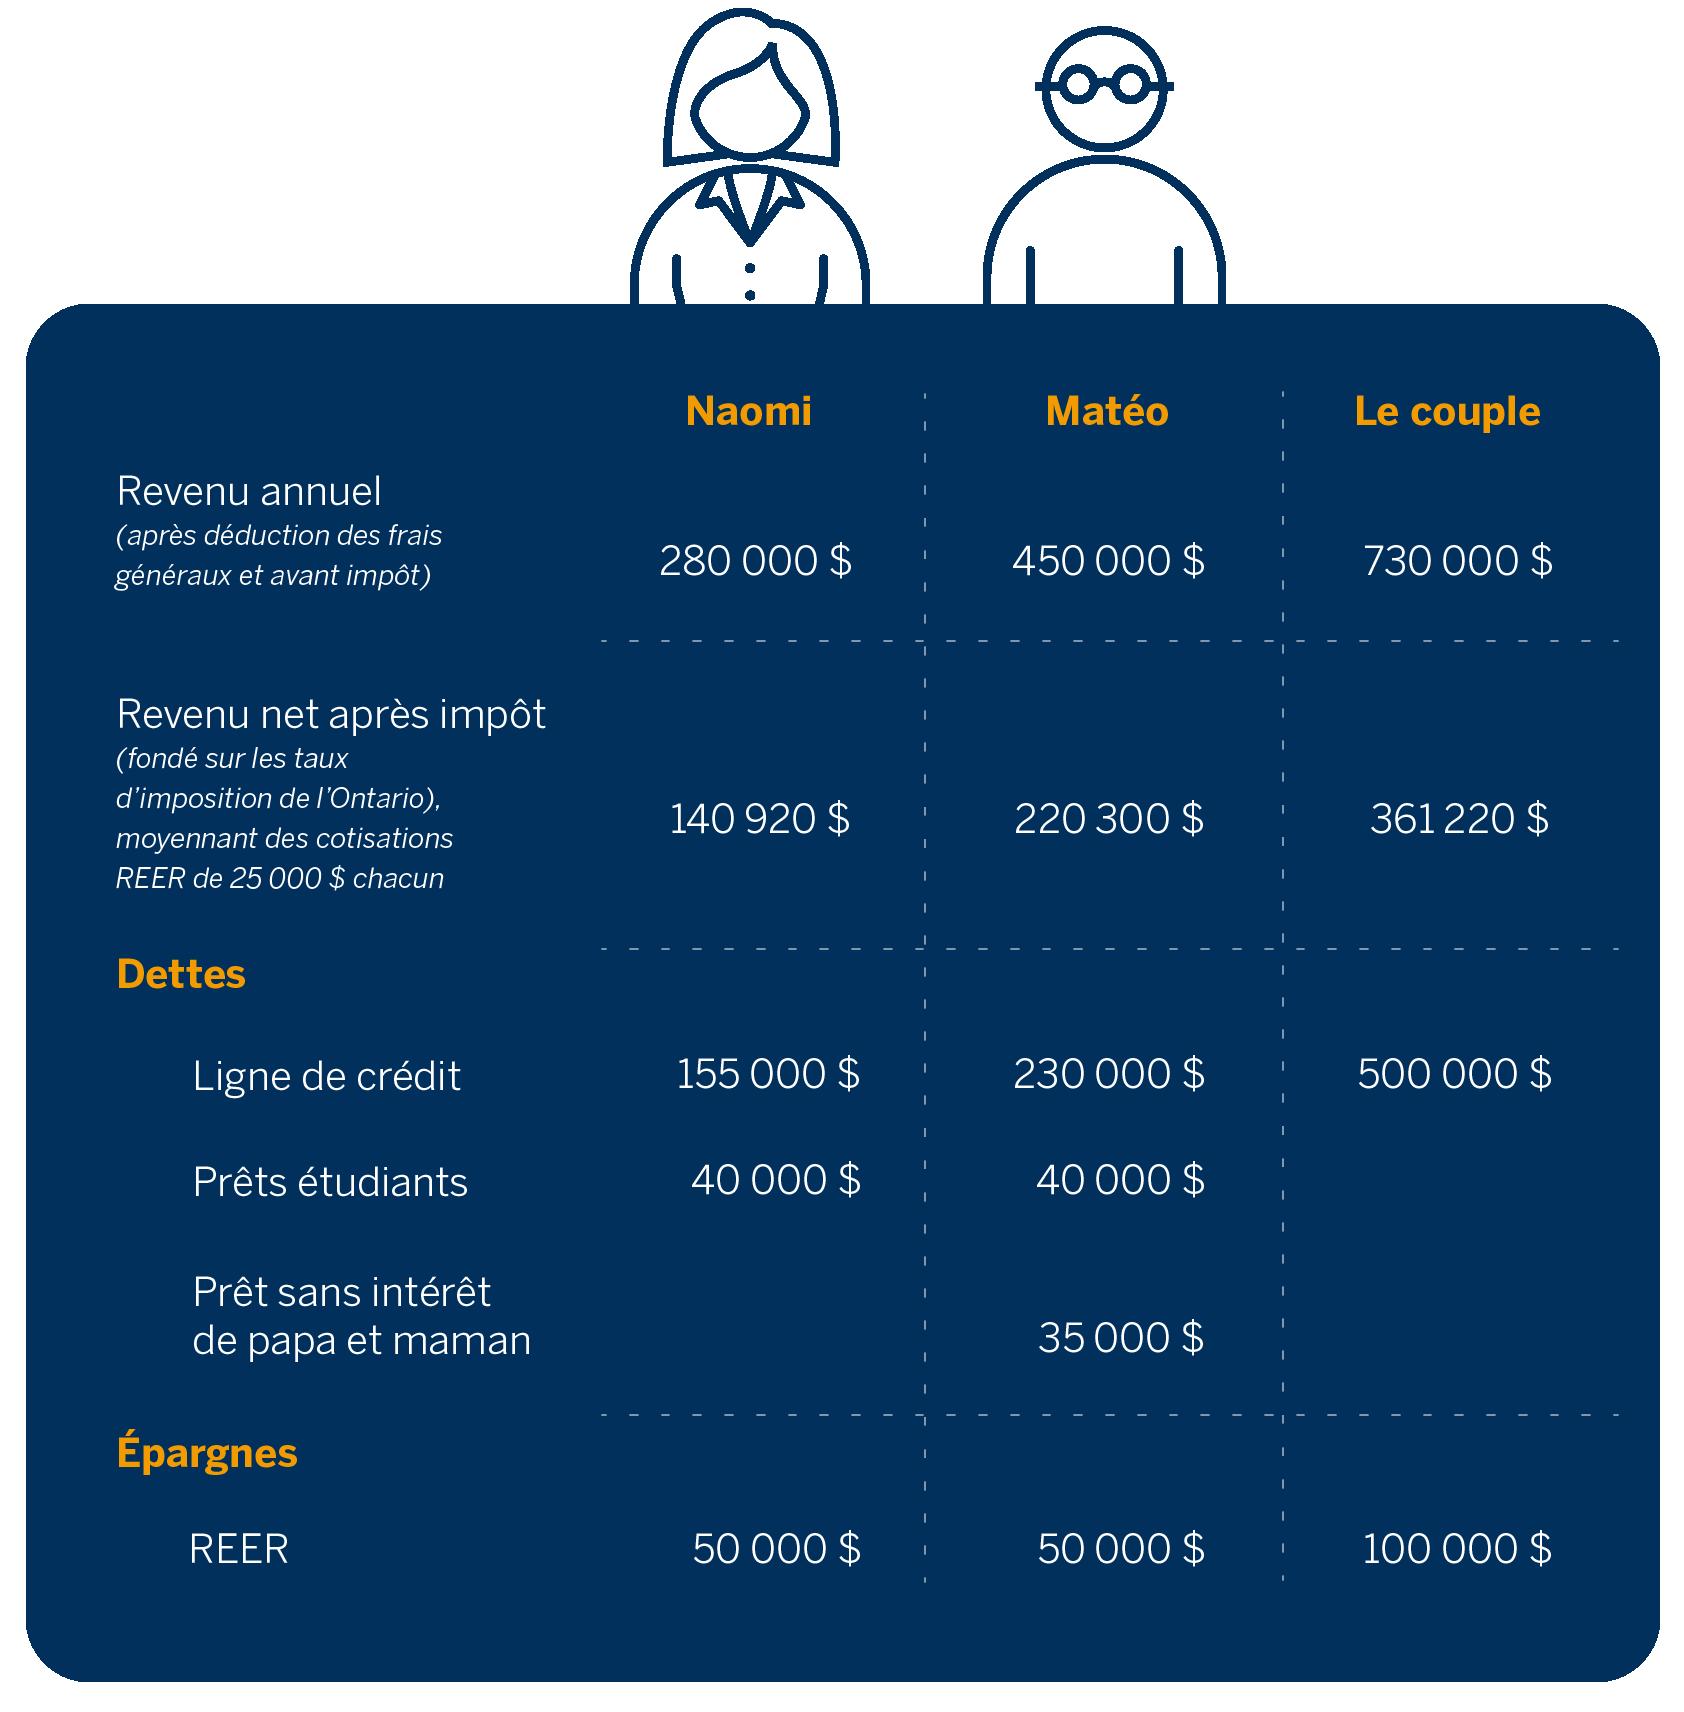 Tableau illustrant le portrait financier du couple (soit son revenu annuel, son revenu net, ses dettes et ses épargnes).